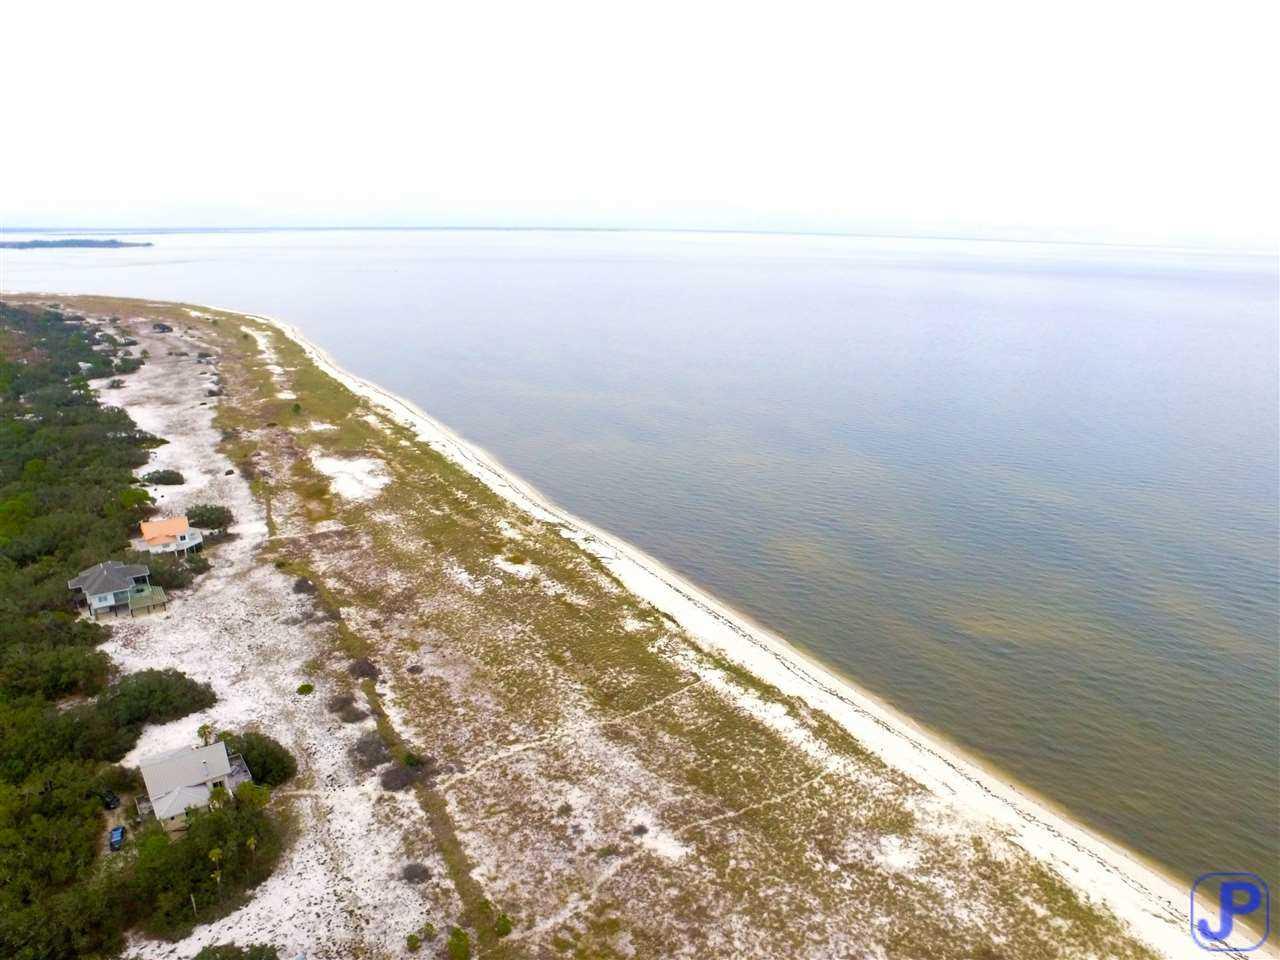 Alligator Point Florida Map.798 Bald Point Alligator Point Fl 32346 Mls 291646